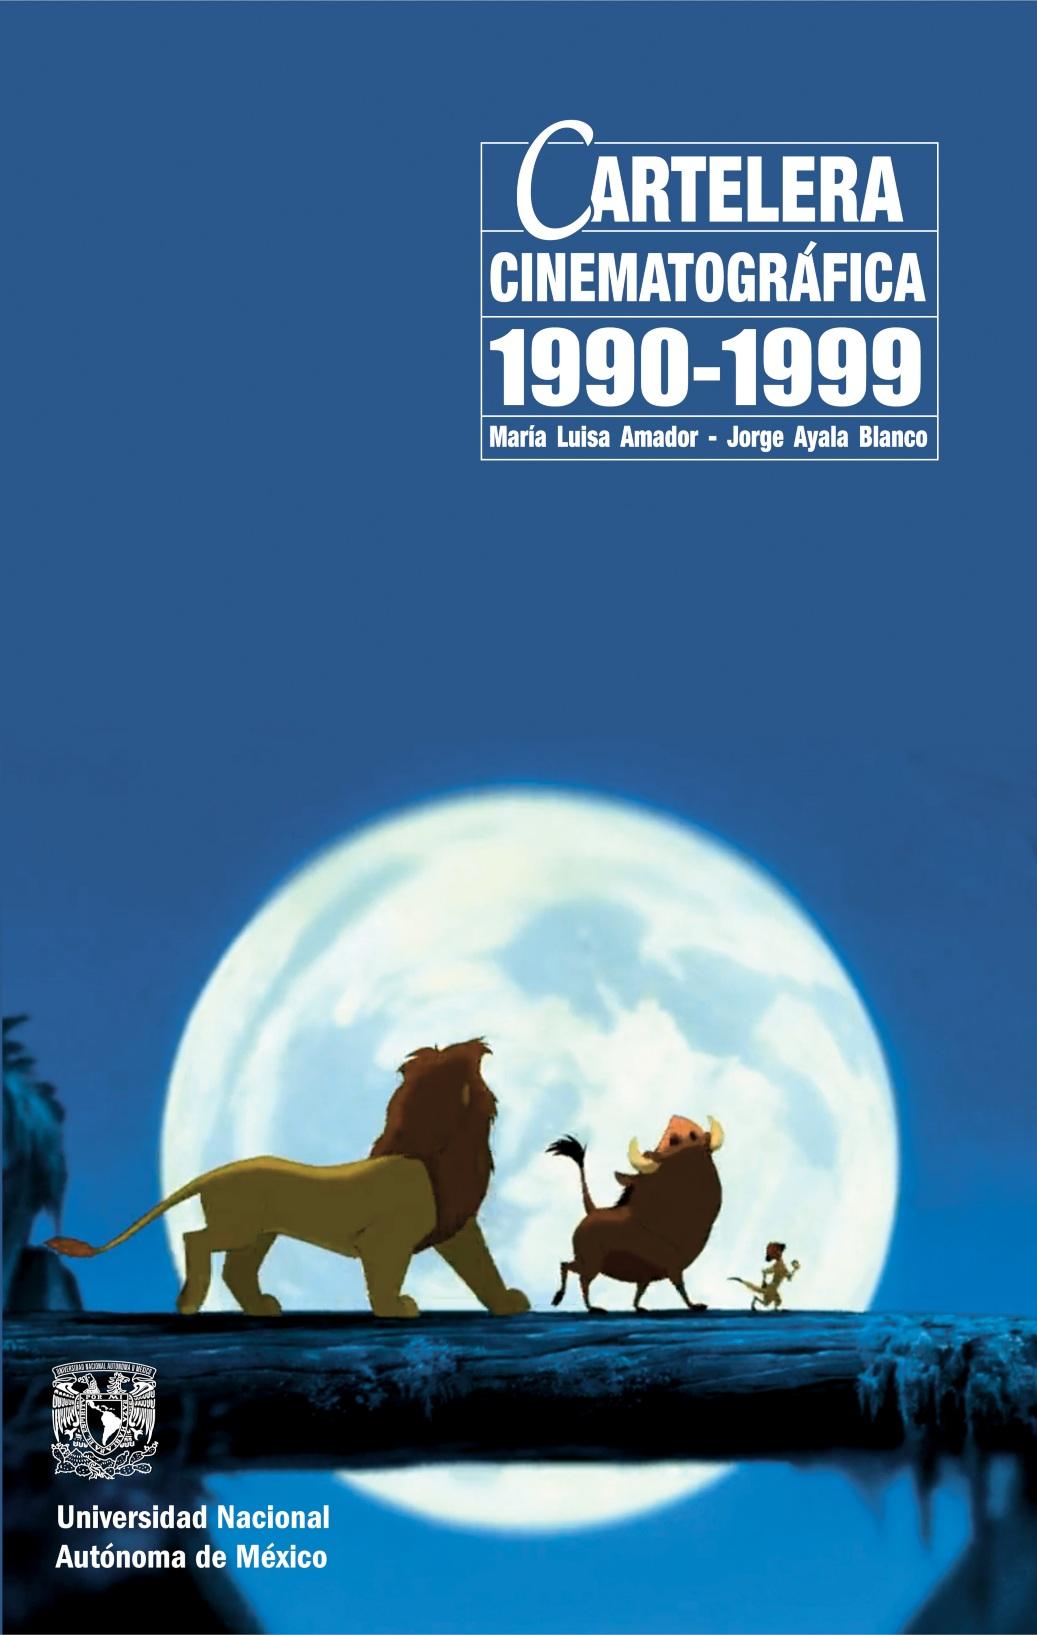 Cartelera cinematográfica 1990-1999